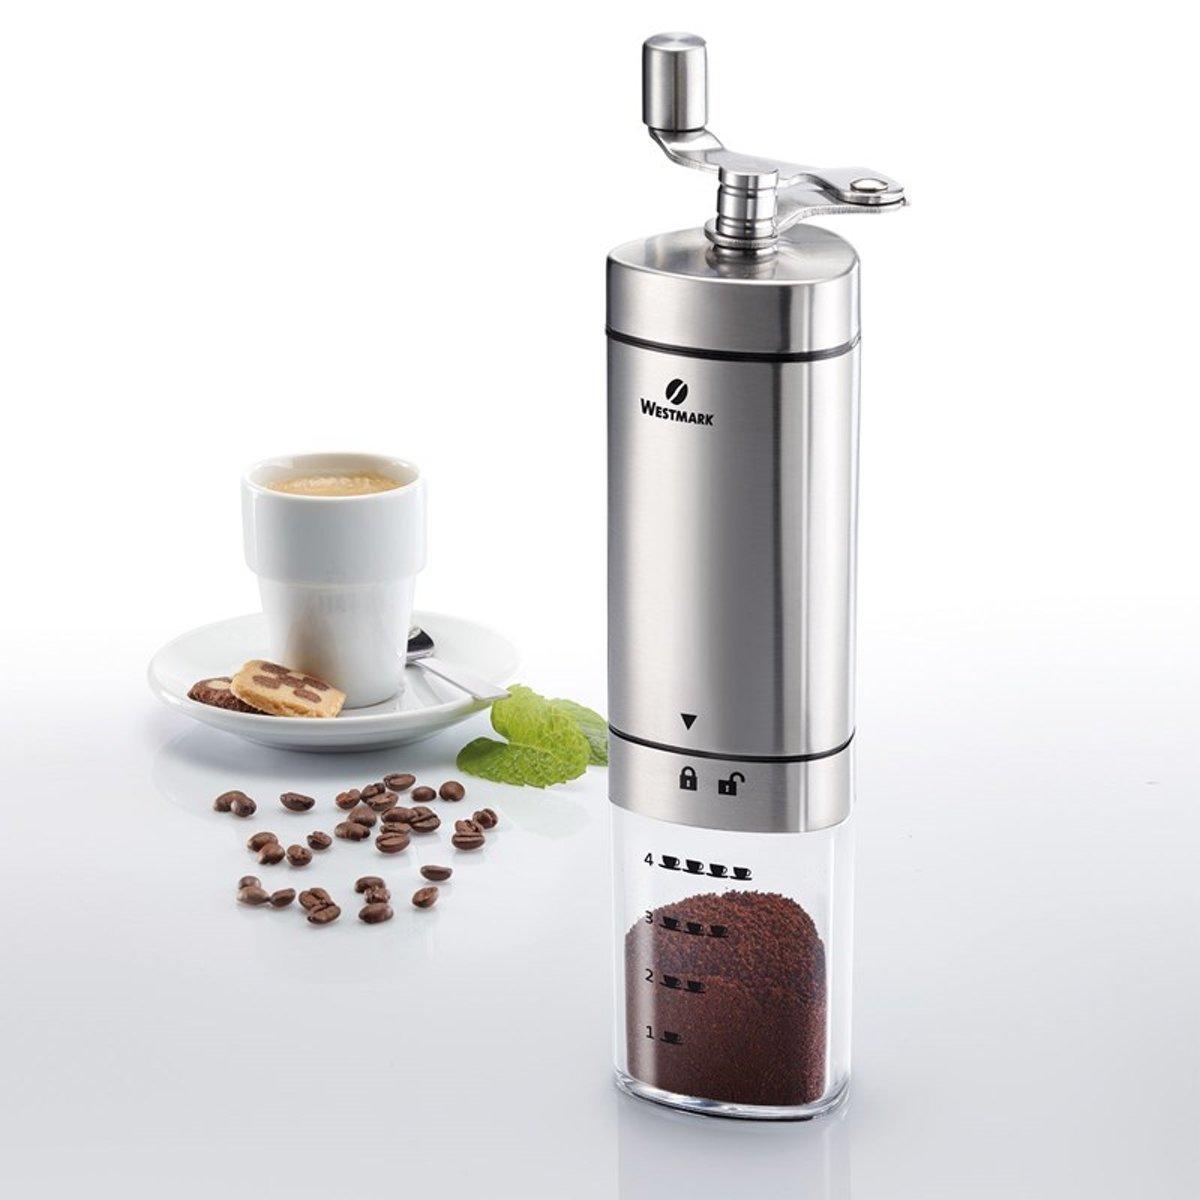 Westmark Koffiemolen Brasilia RVS kopen